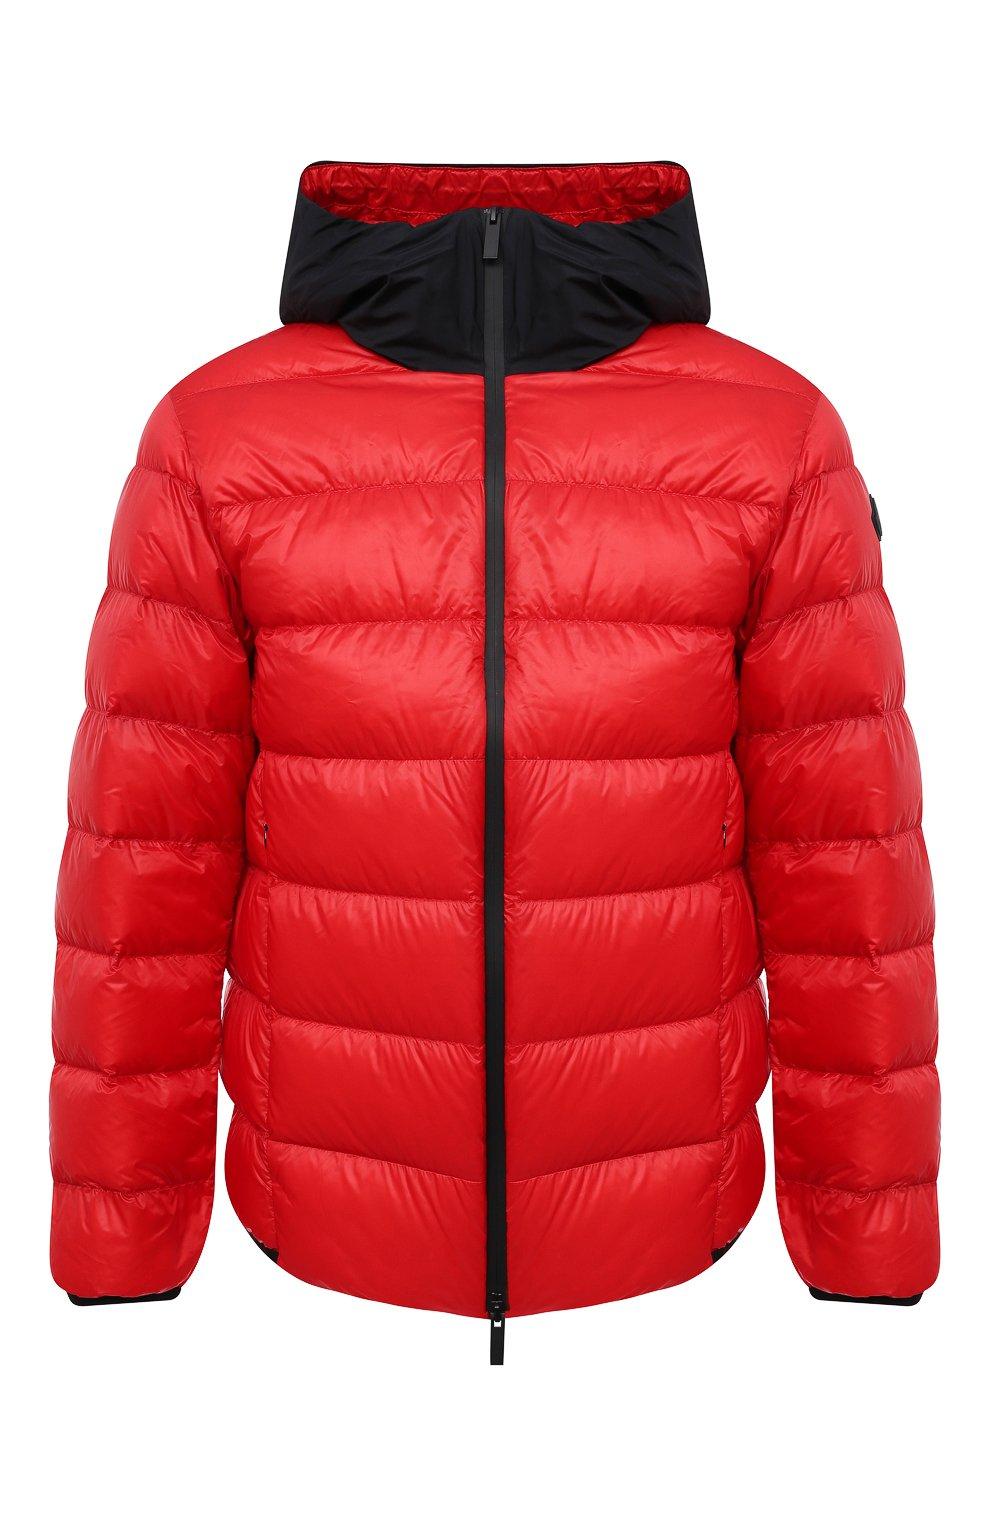 Мужская пуховая куртка provins MONCLER красного цвета, арт. G1-091-1A123-00-53279 | Фото 1 (Кросс-КТ: Куртка; Мужское Кросс-КТ: пуховик-короткий; Рукава: Длинные; Материал внешний: Синтетический материал; Стили: Гранж; Материал подклада: Синтетический материал; Длина (верхняя одежда): Короткие; Материал утеплителя: Пух и перо)